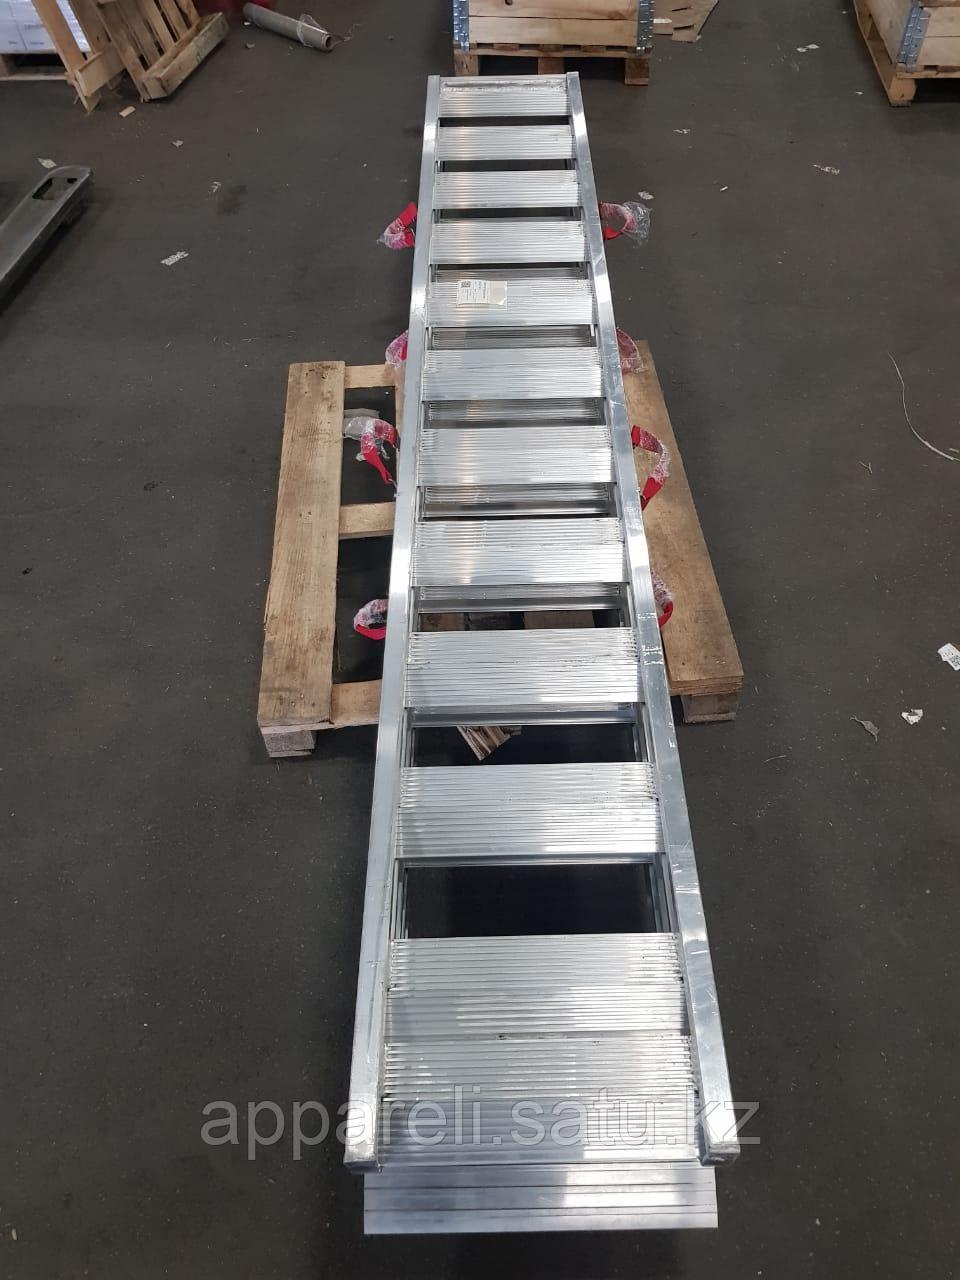 Алюминиевые сходни от производителя (трап, аппарель) 3 метра